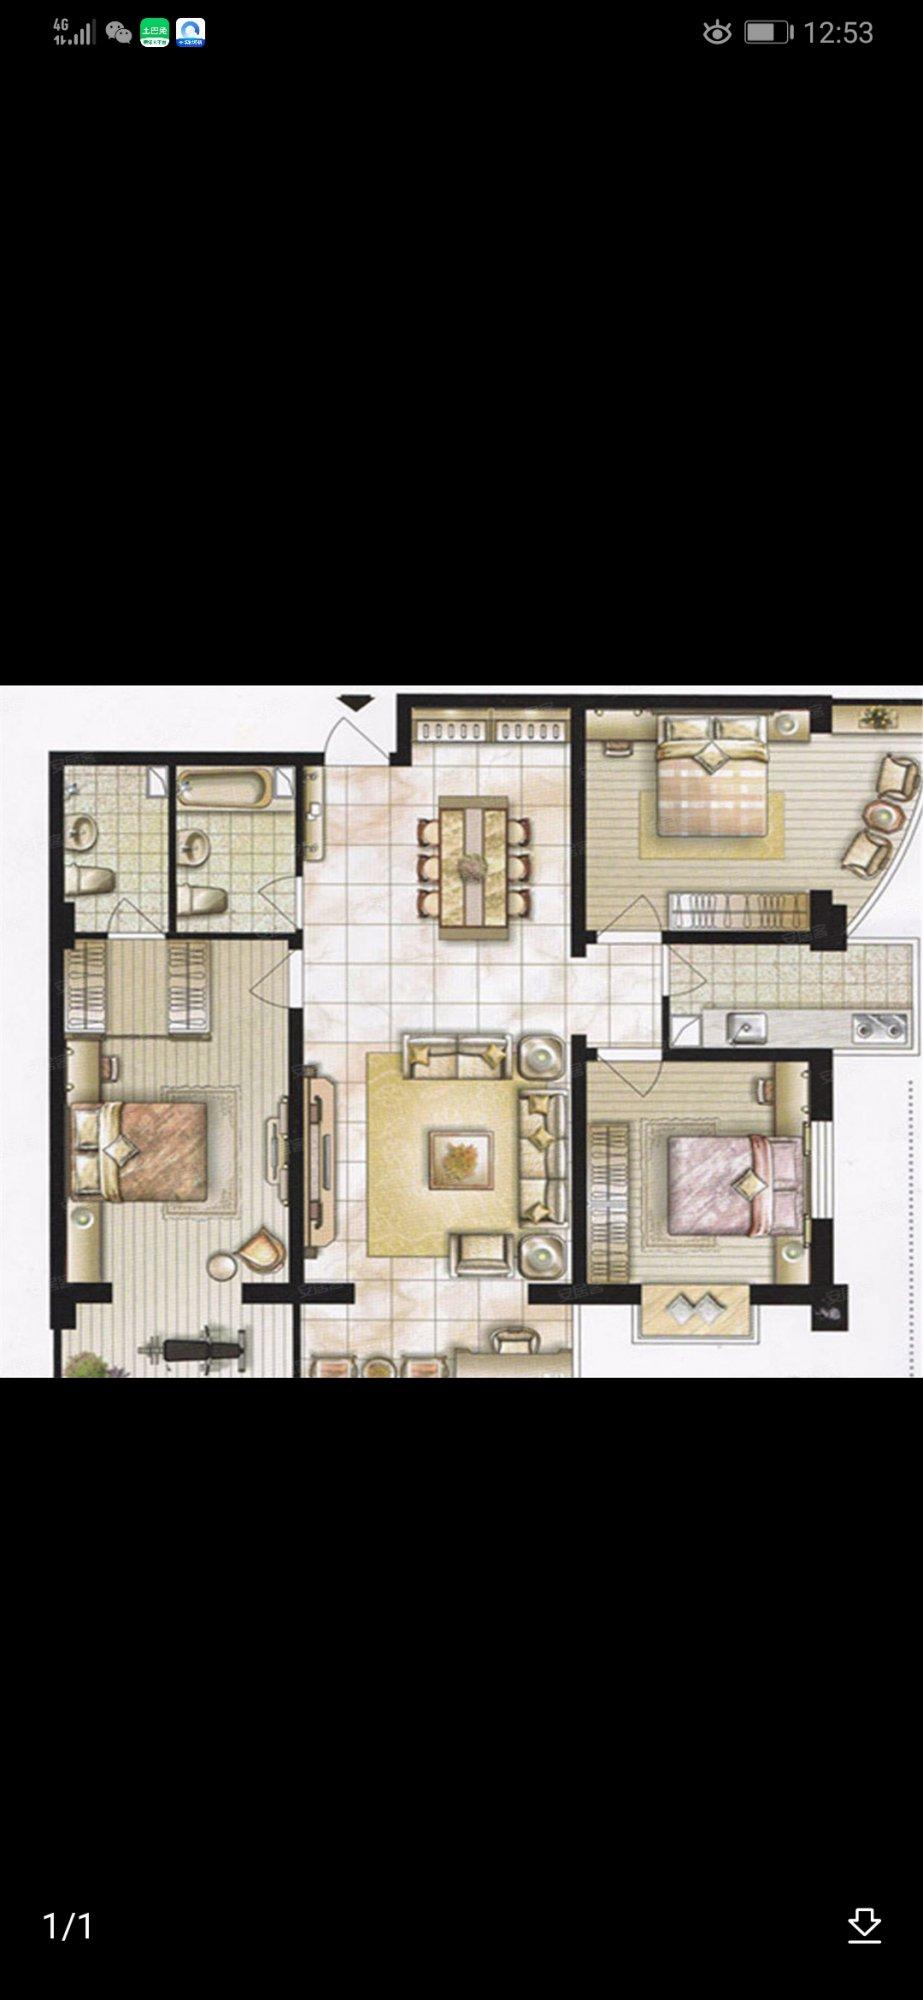 长5.2米宽3.2米,另外带1.4米宽阳台的主卧如何改成两个卧室